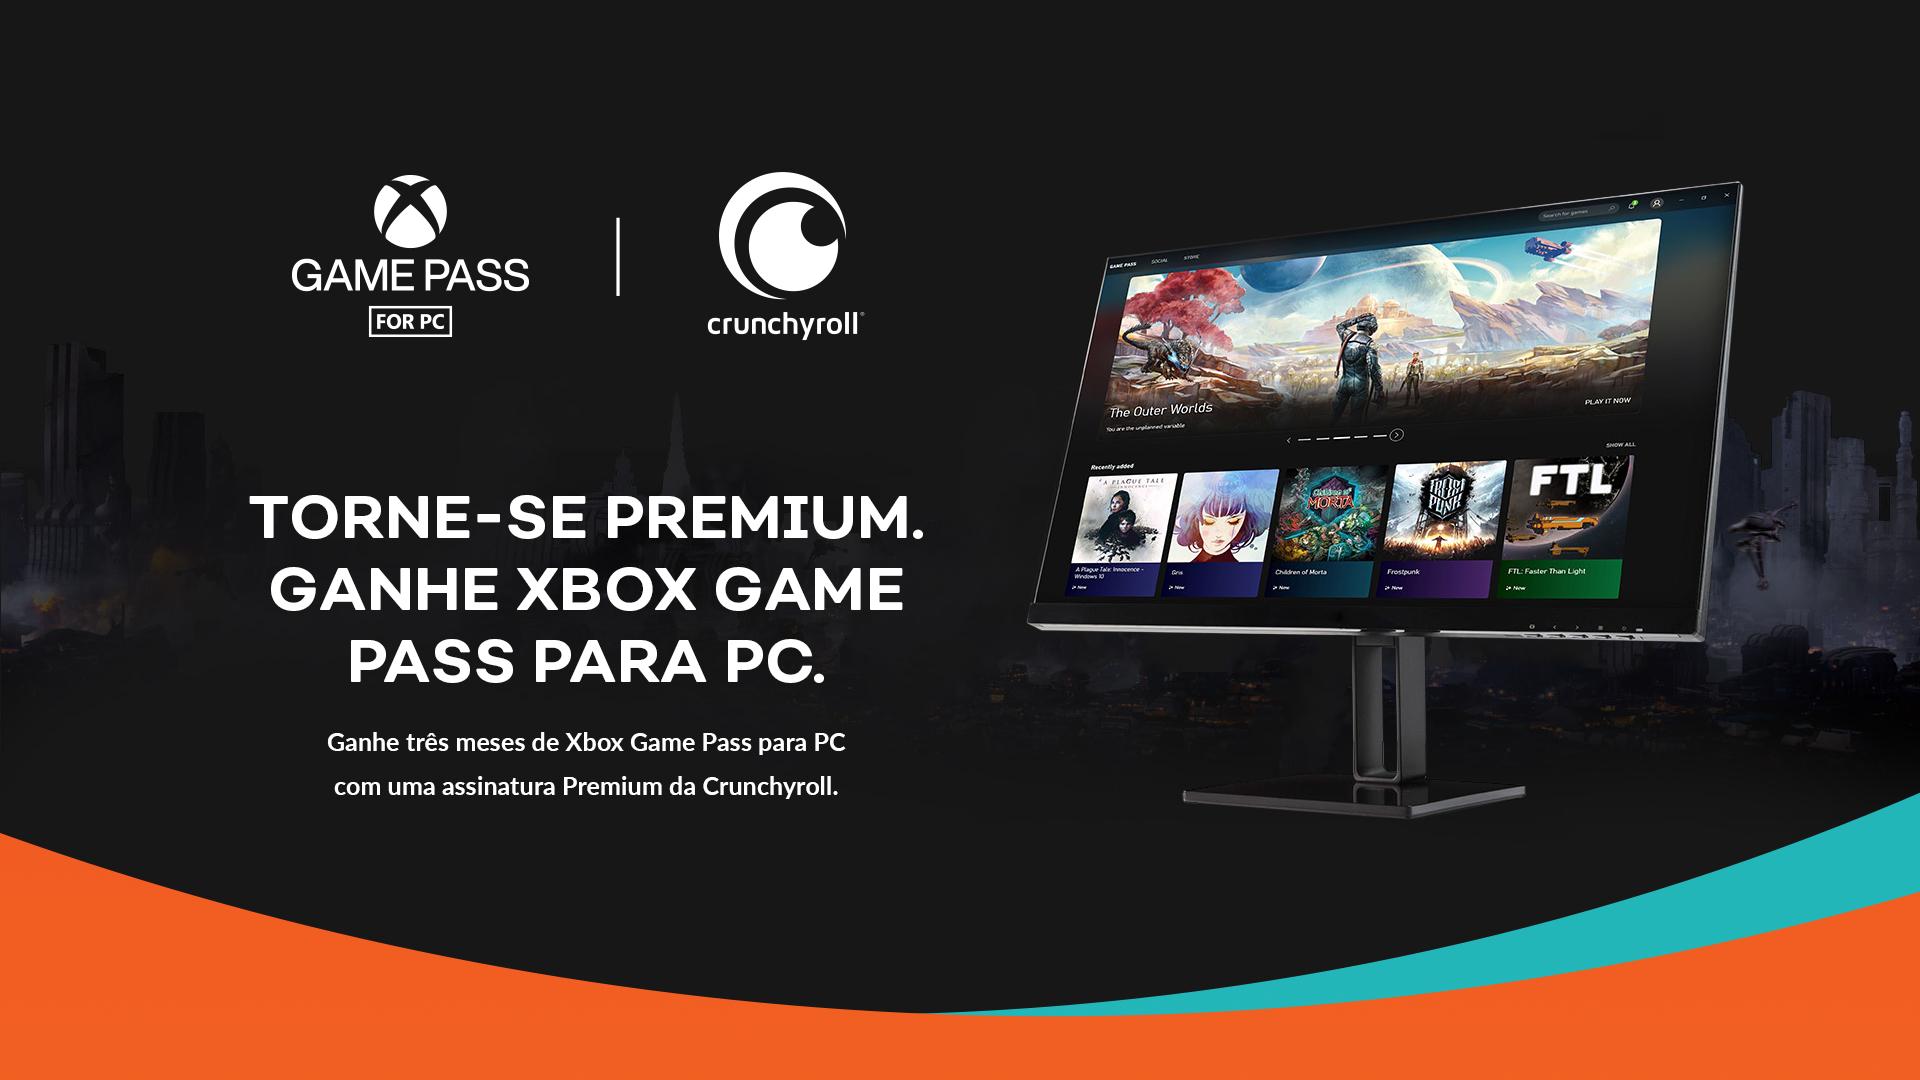 6c76a6a7 d2d5 5235 4cda 8813bb88e3e0 - Crunchyroll: usuários Premium ganharão 3 meses de Xbox Game Pass para PC